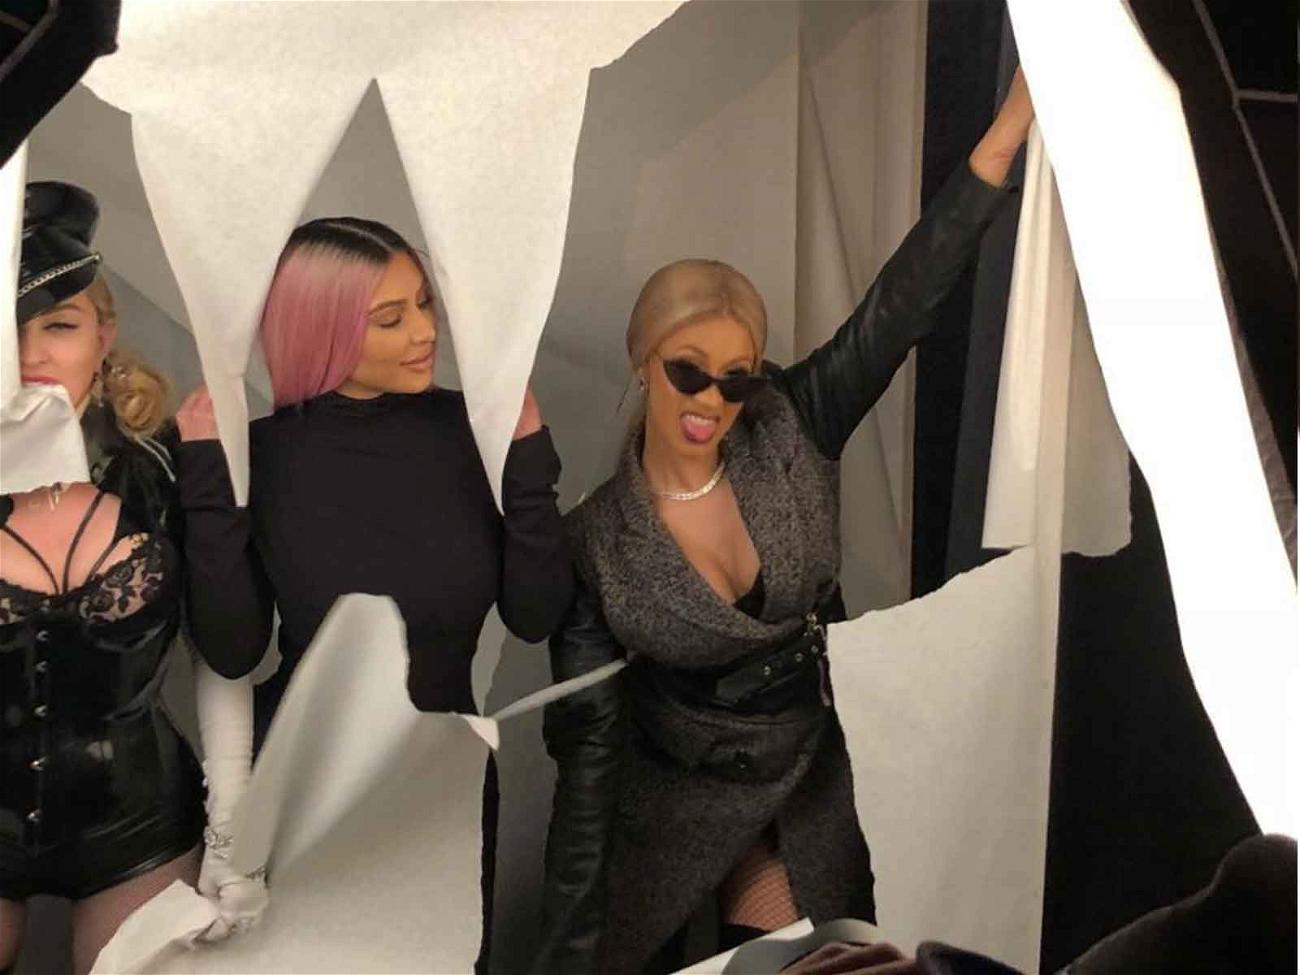 Madonna poses with Kim Kardashian and Cardi B